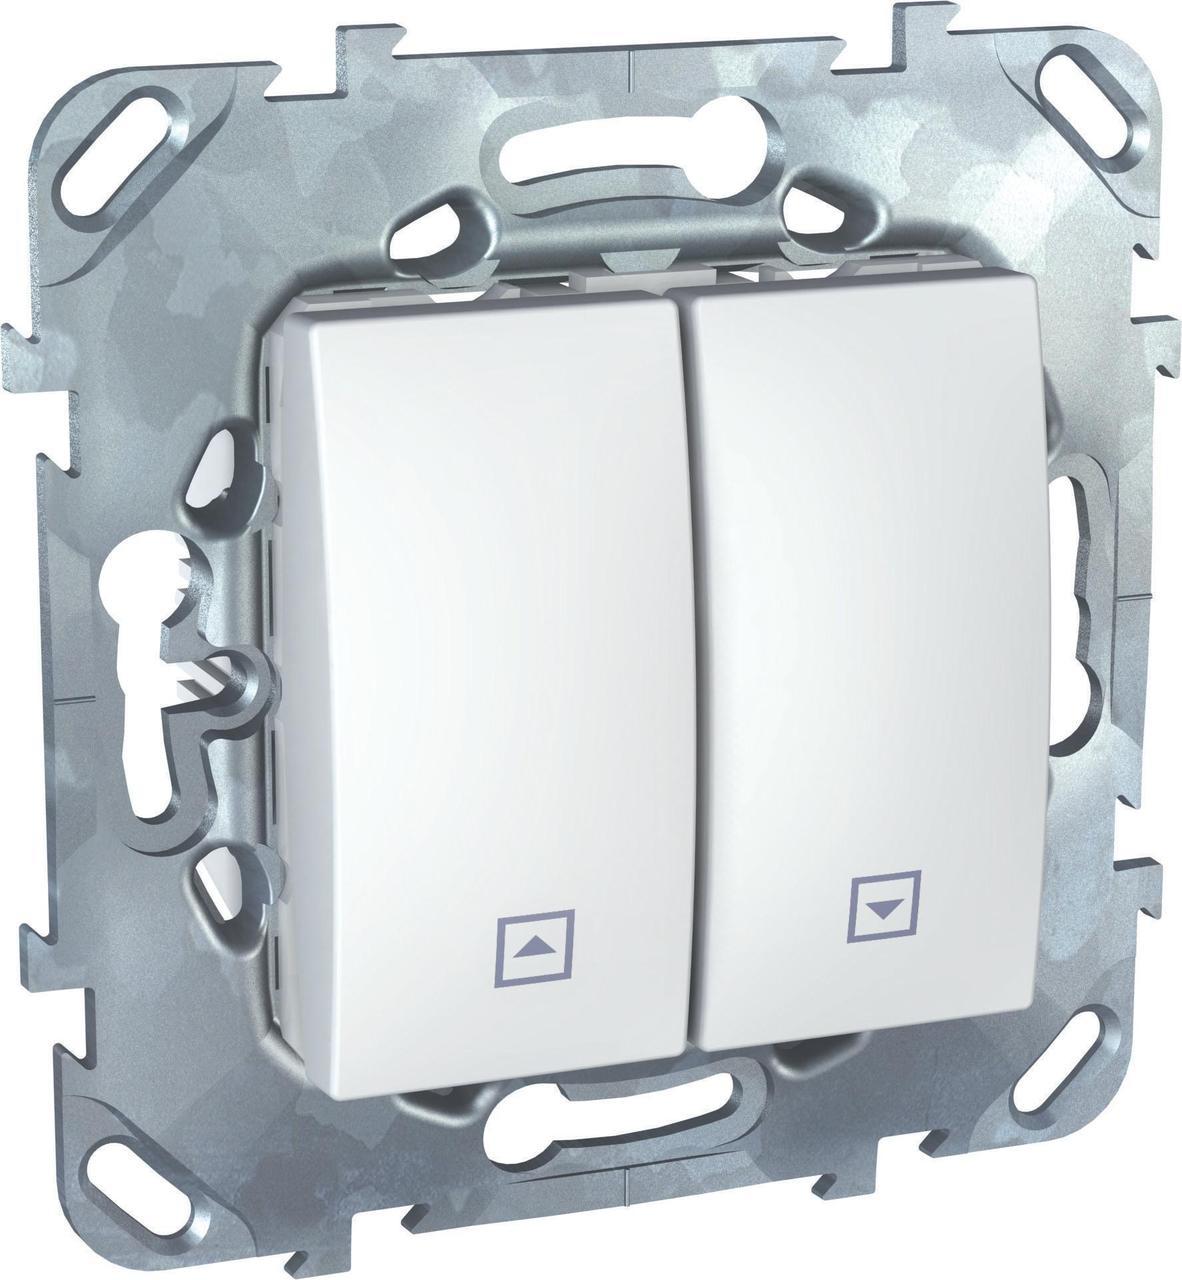 Выключатель для жалюзи (рольставней) кнопочный , Белый, серия Unica, Schneider Electric